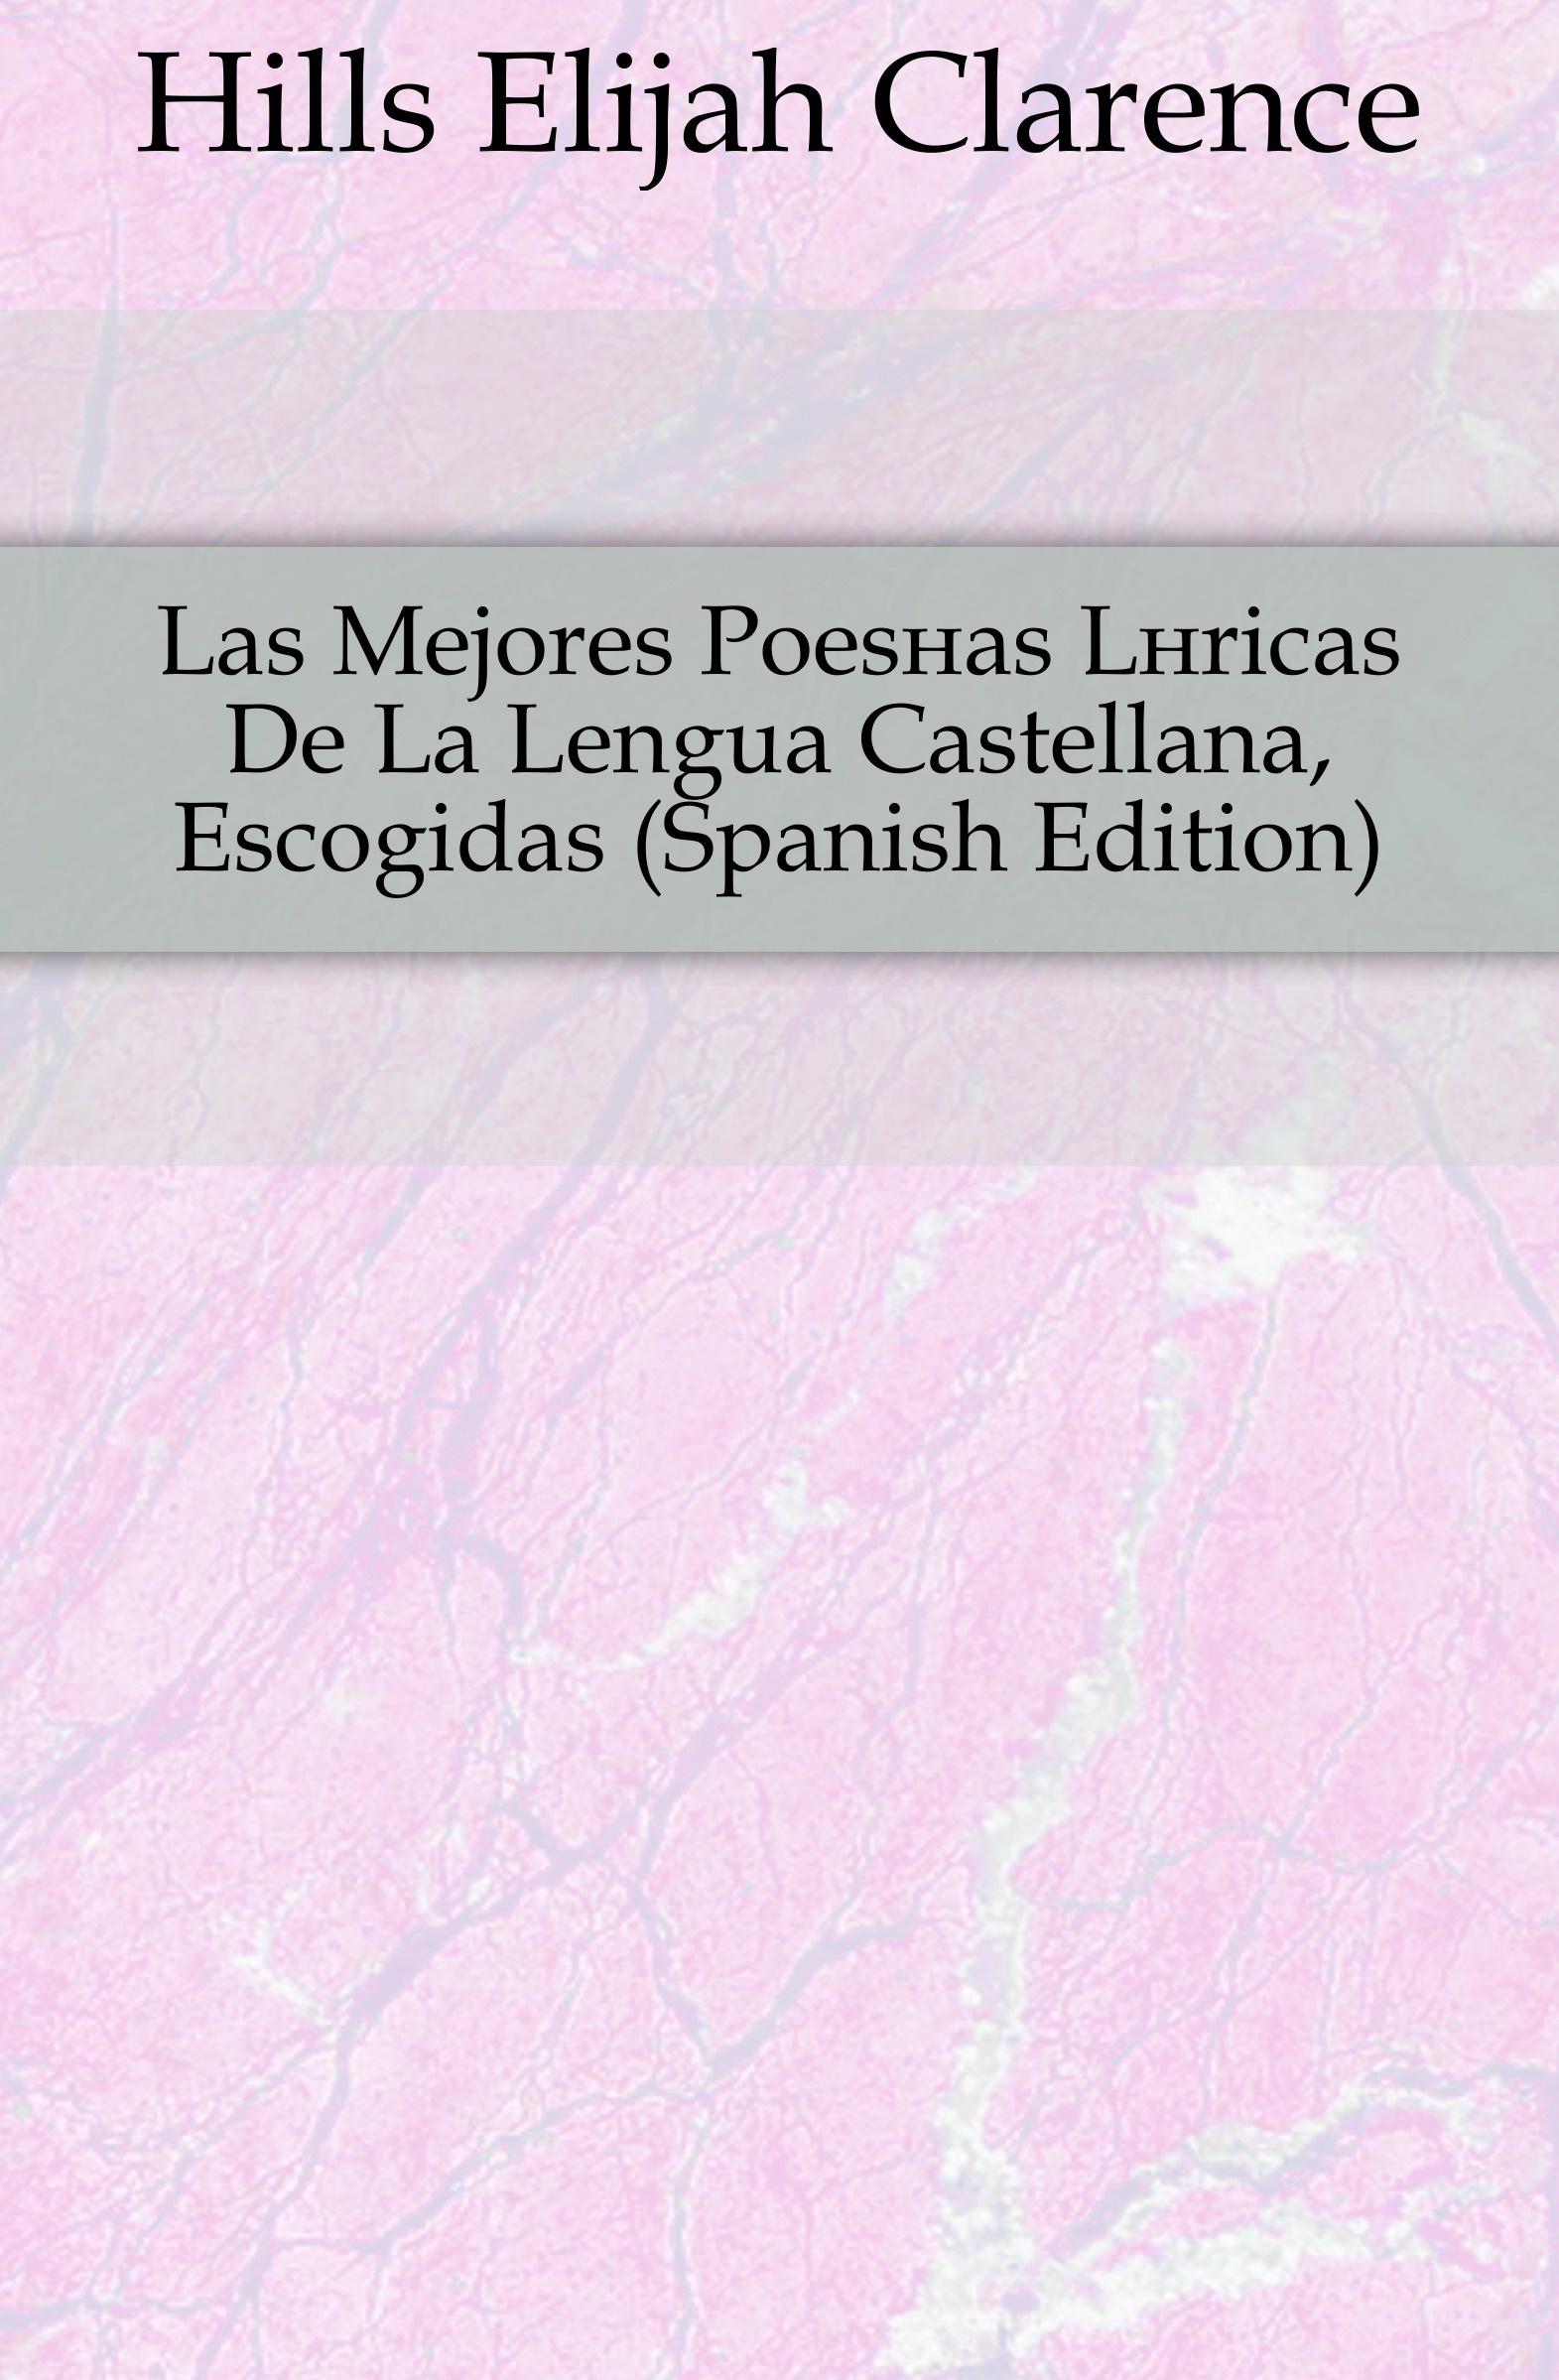 Hills Elijah Clarence Las Mejores Poesias Liricas De La Lengua Castellana, Escogidas (Spanish Edition) manuel beltroy las cien mejores poesias liricas peruanas